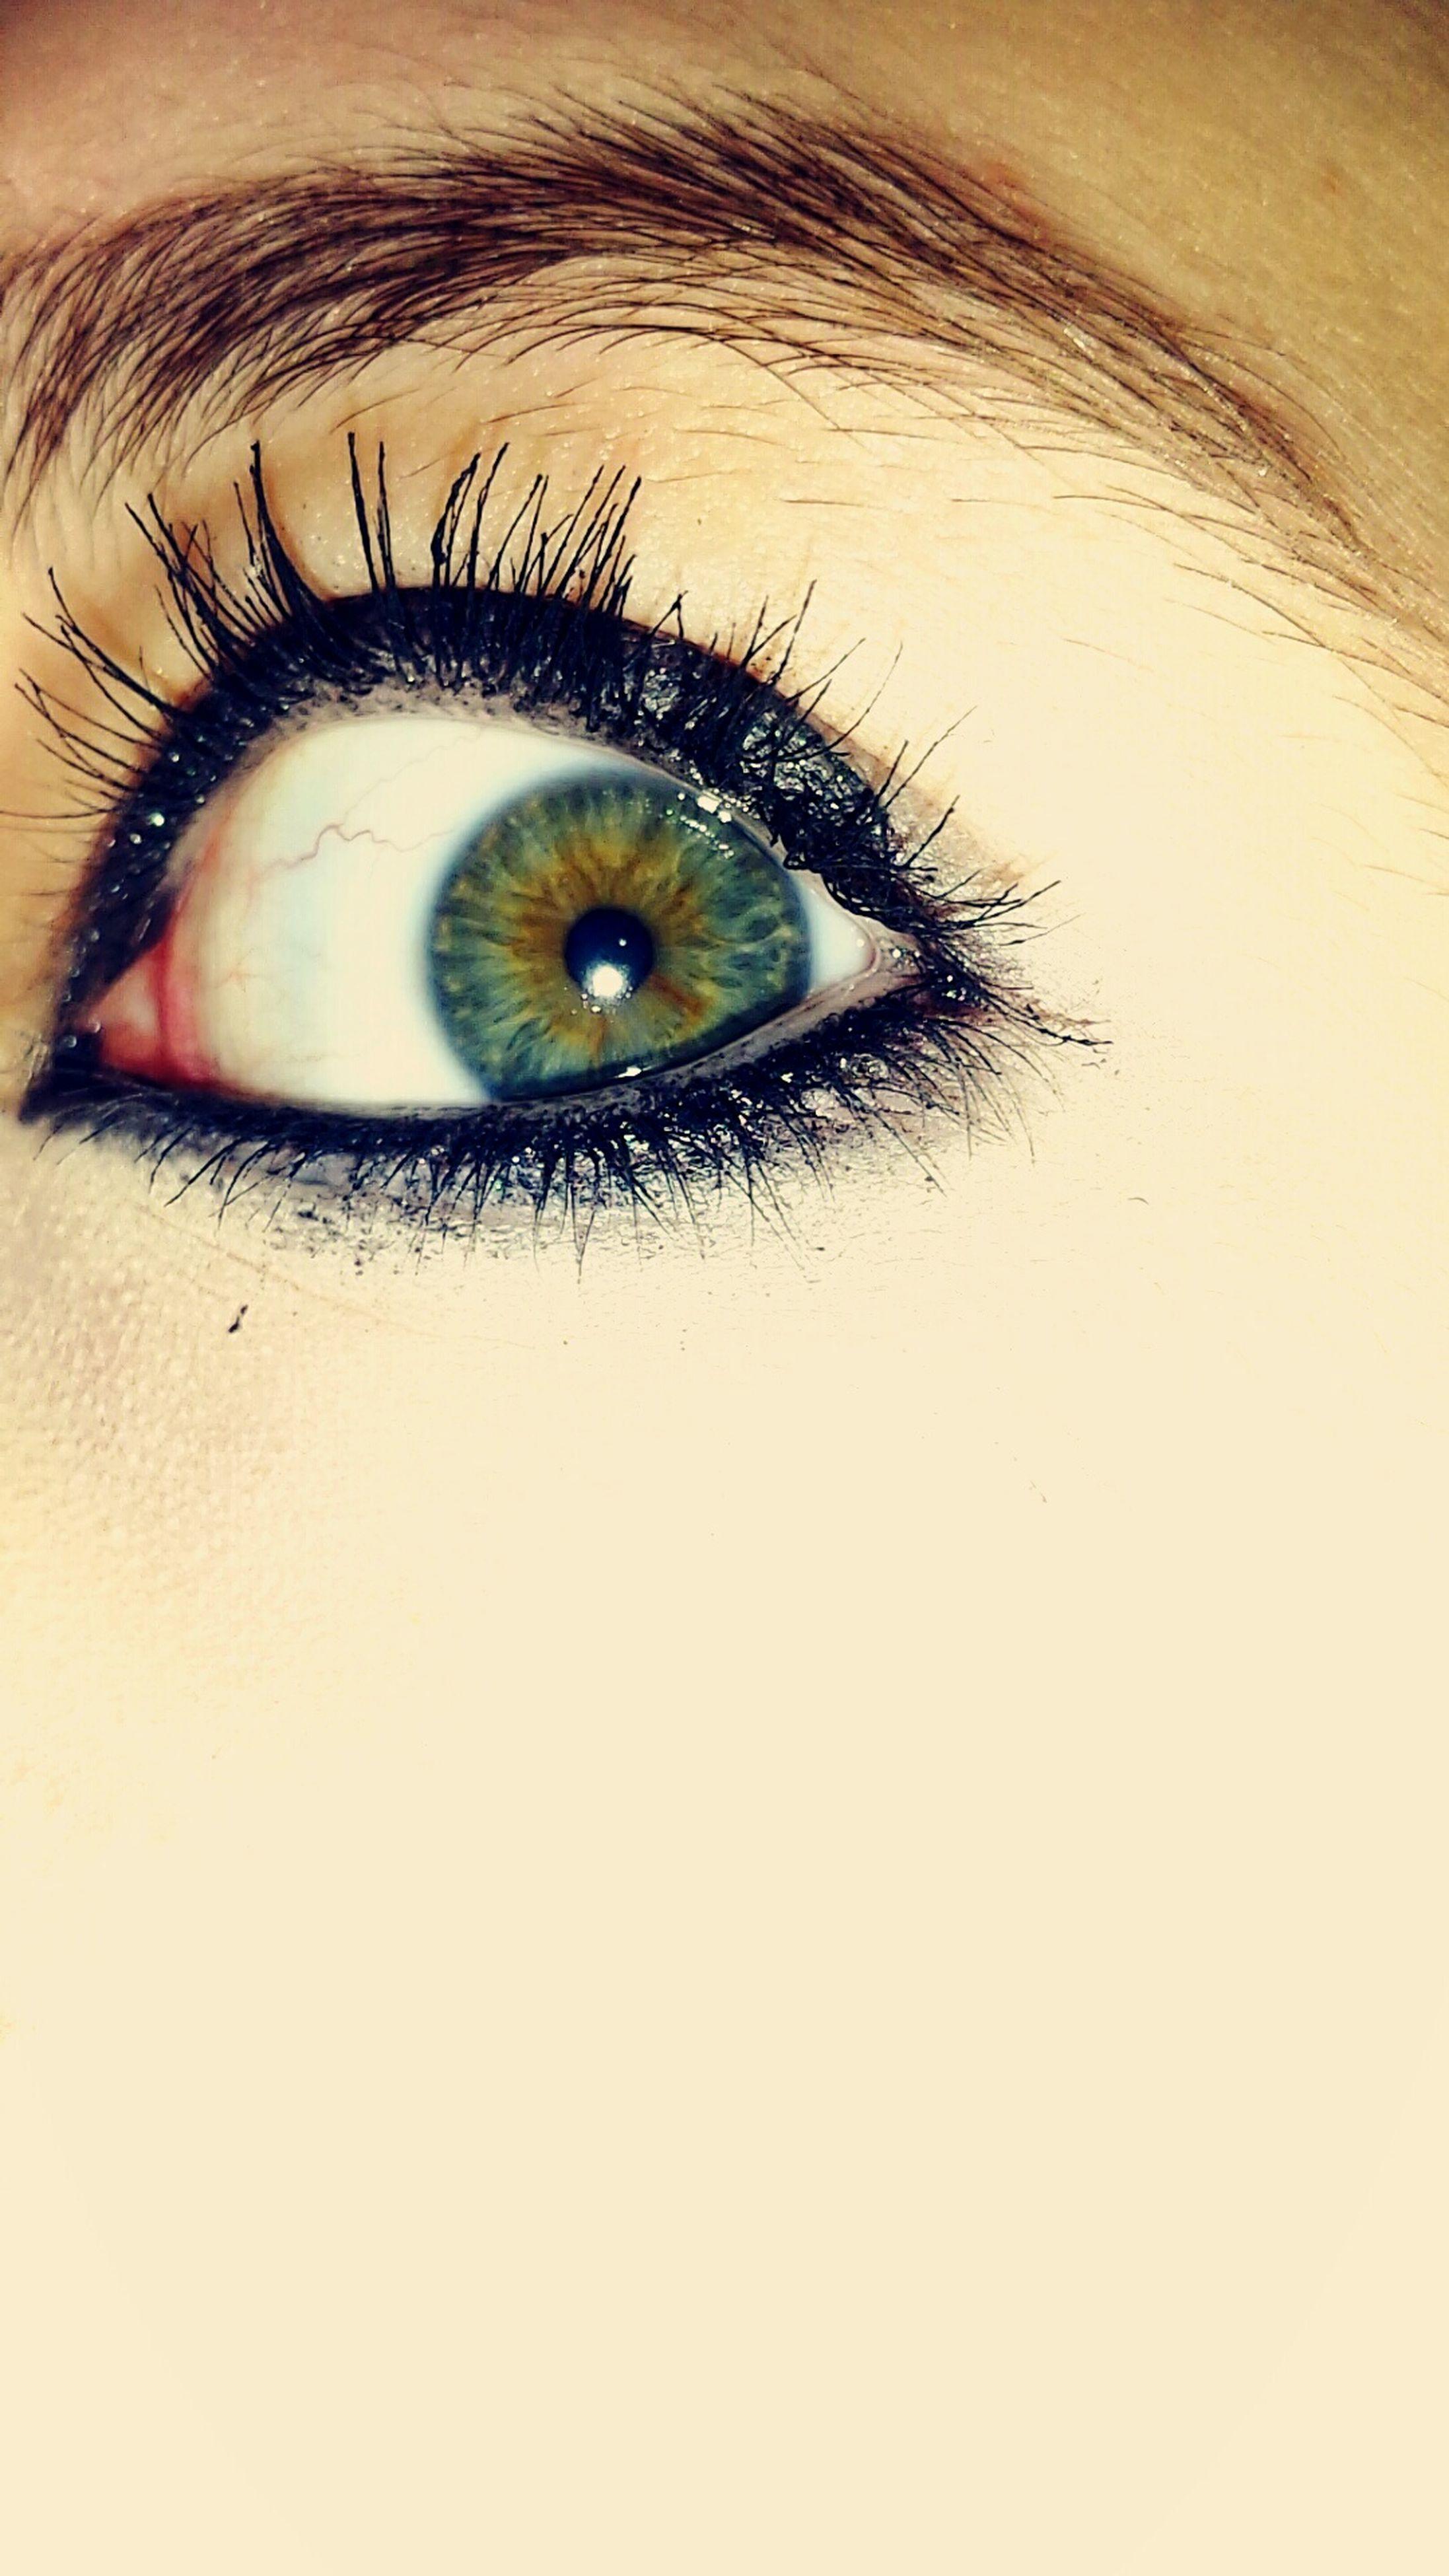 human eye, close-up, studio shot, eyelash, eyesight, white background, indoors, sensory perception, extreme close-up, portrait, looking at camera, eyeball, full frame, part of, human face, iris - eye, human skin